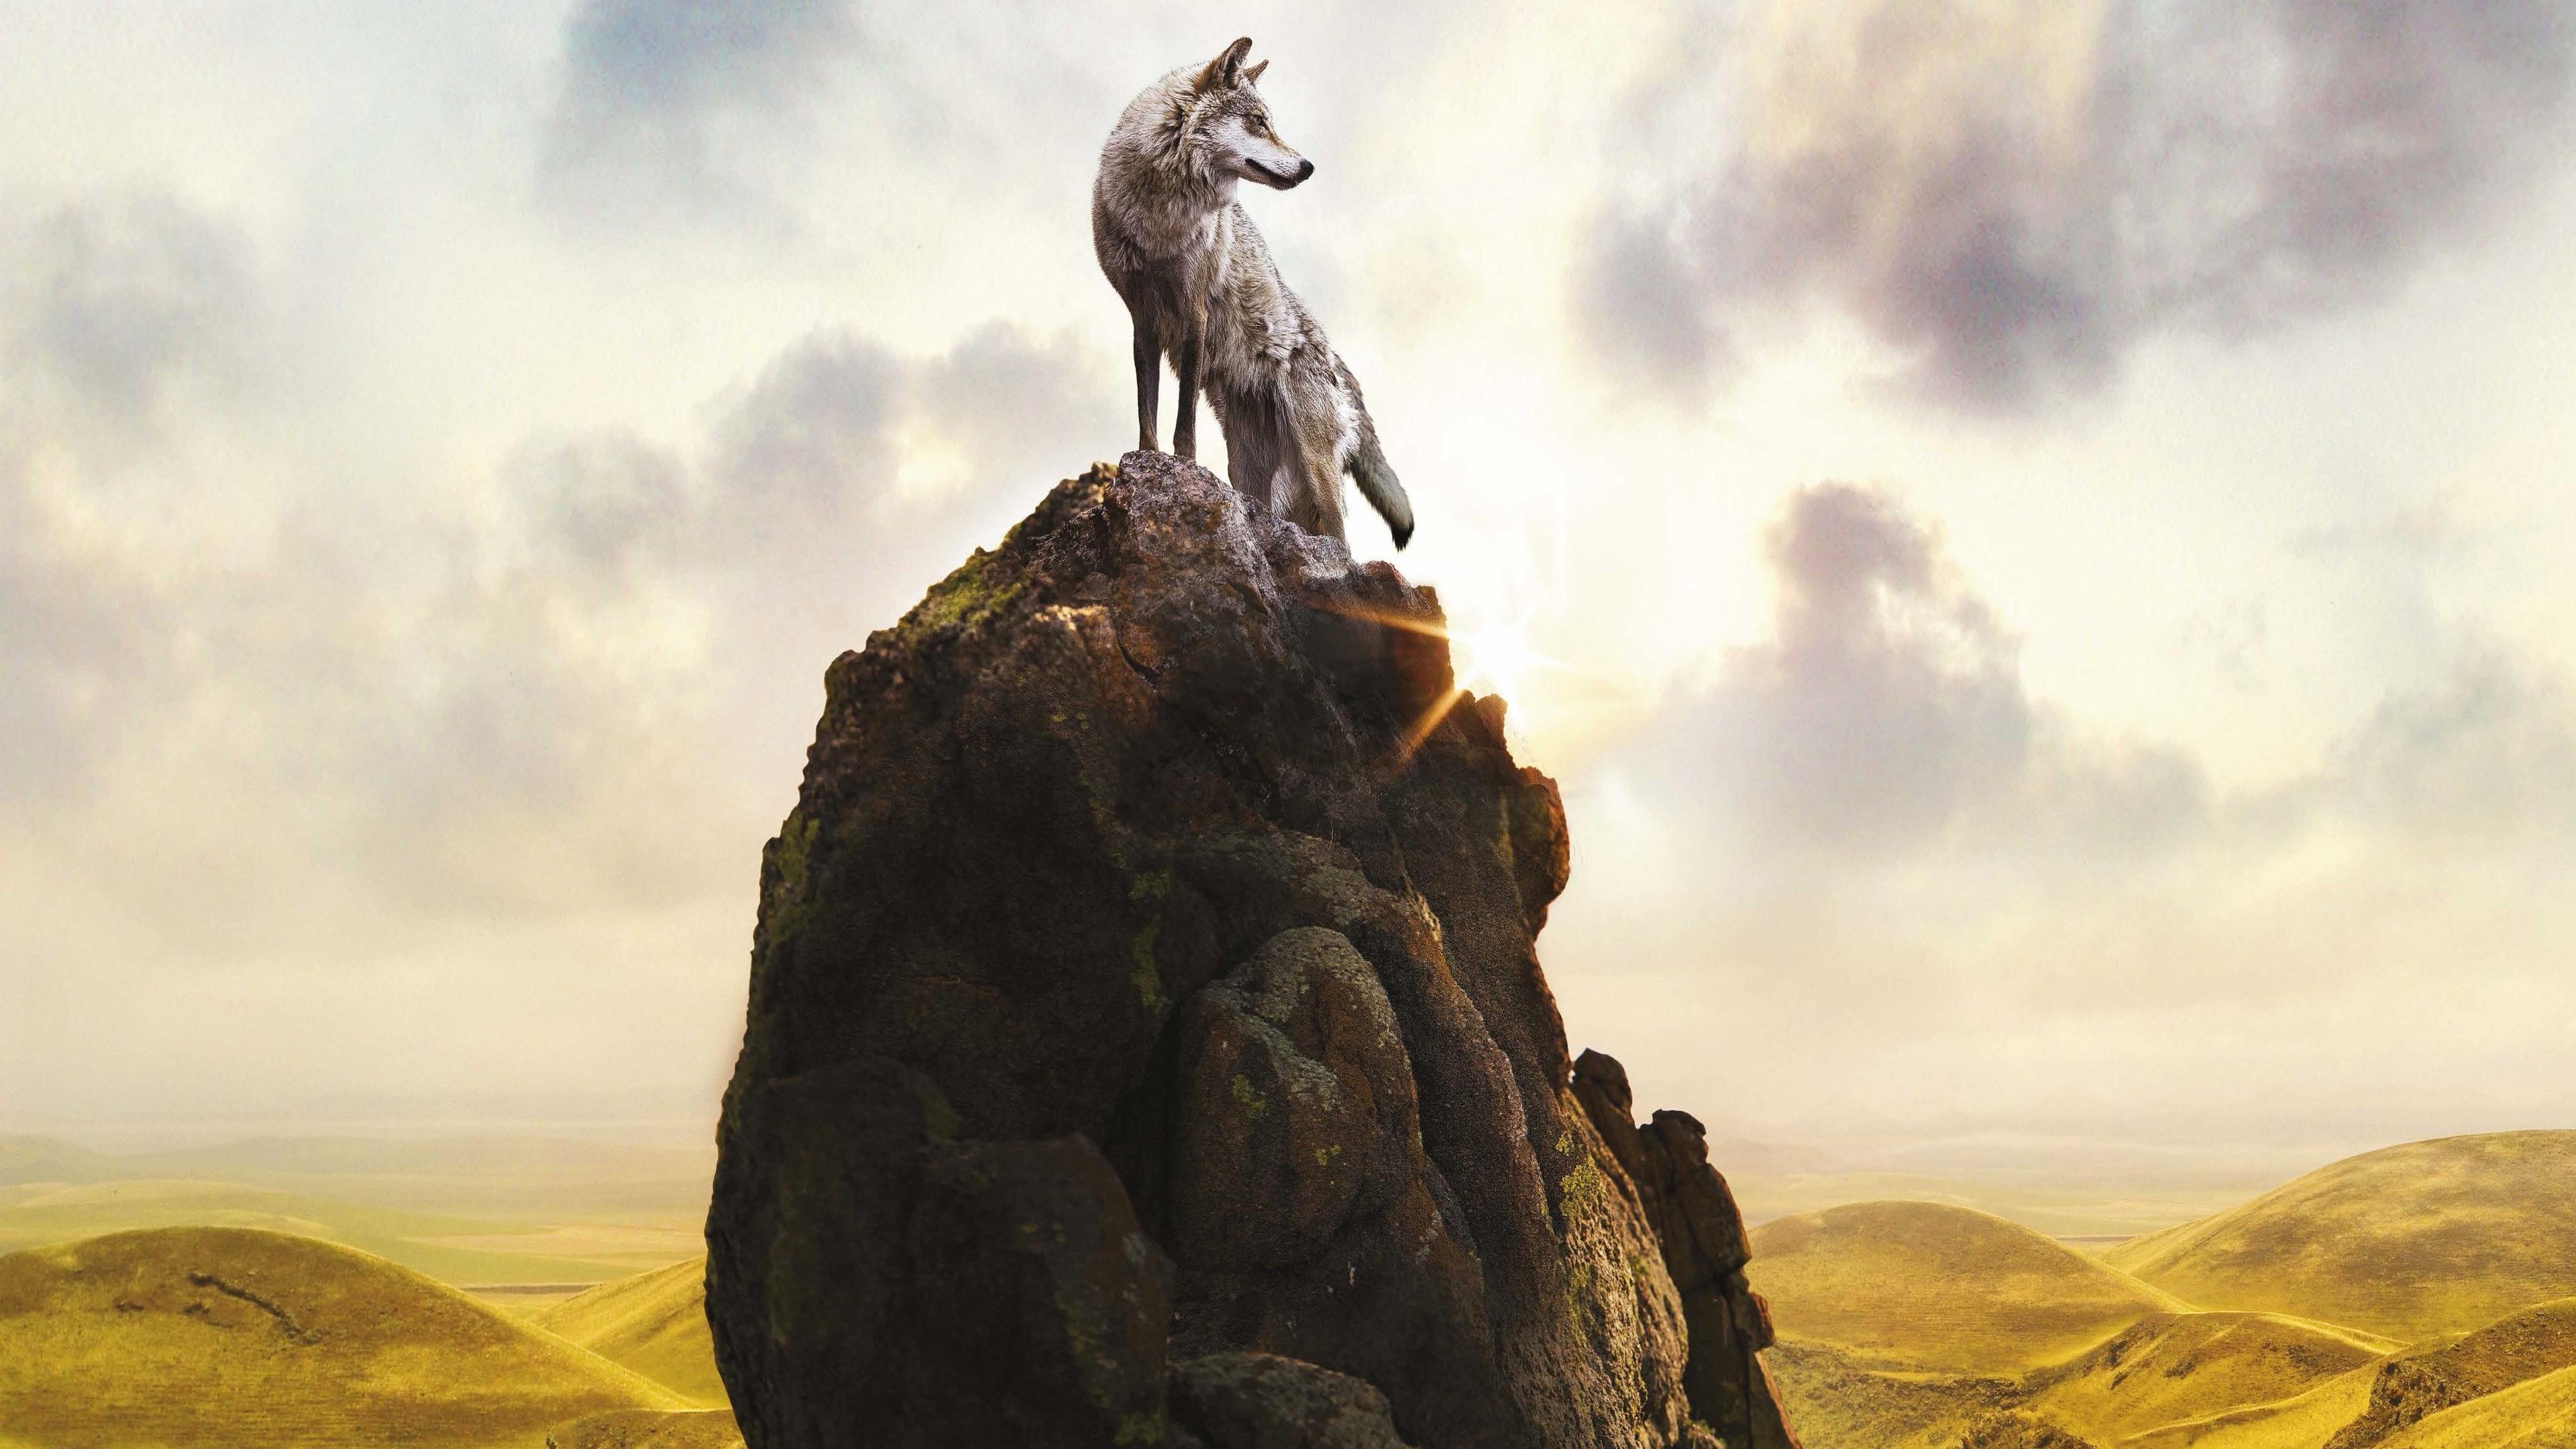 Fondos de pantalla Lobo arriba de una roca